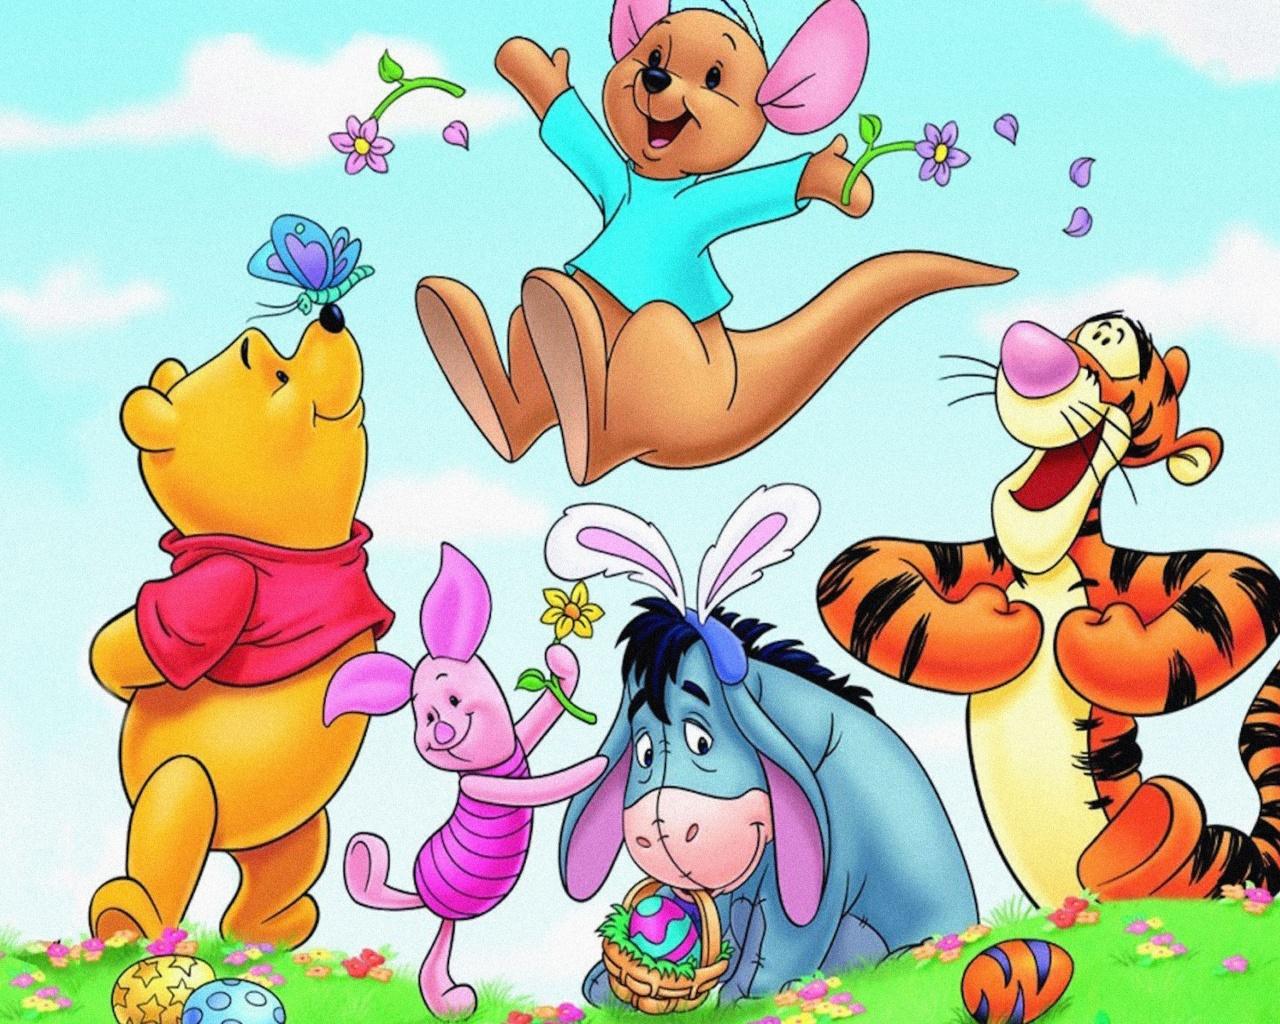 Disney Easter Desktop Wallpaper - WallpaperSafari